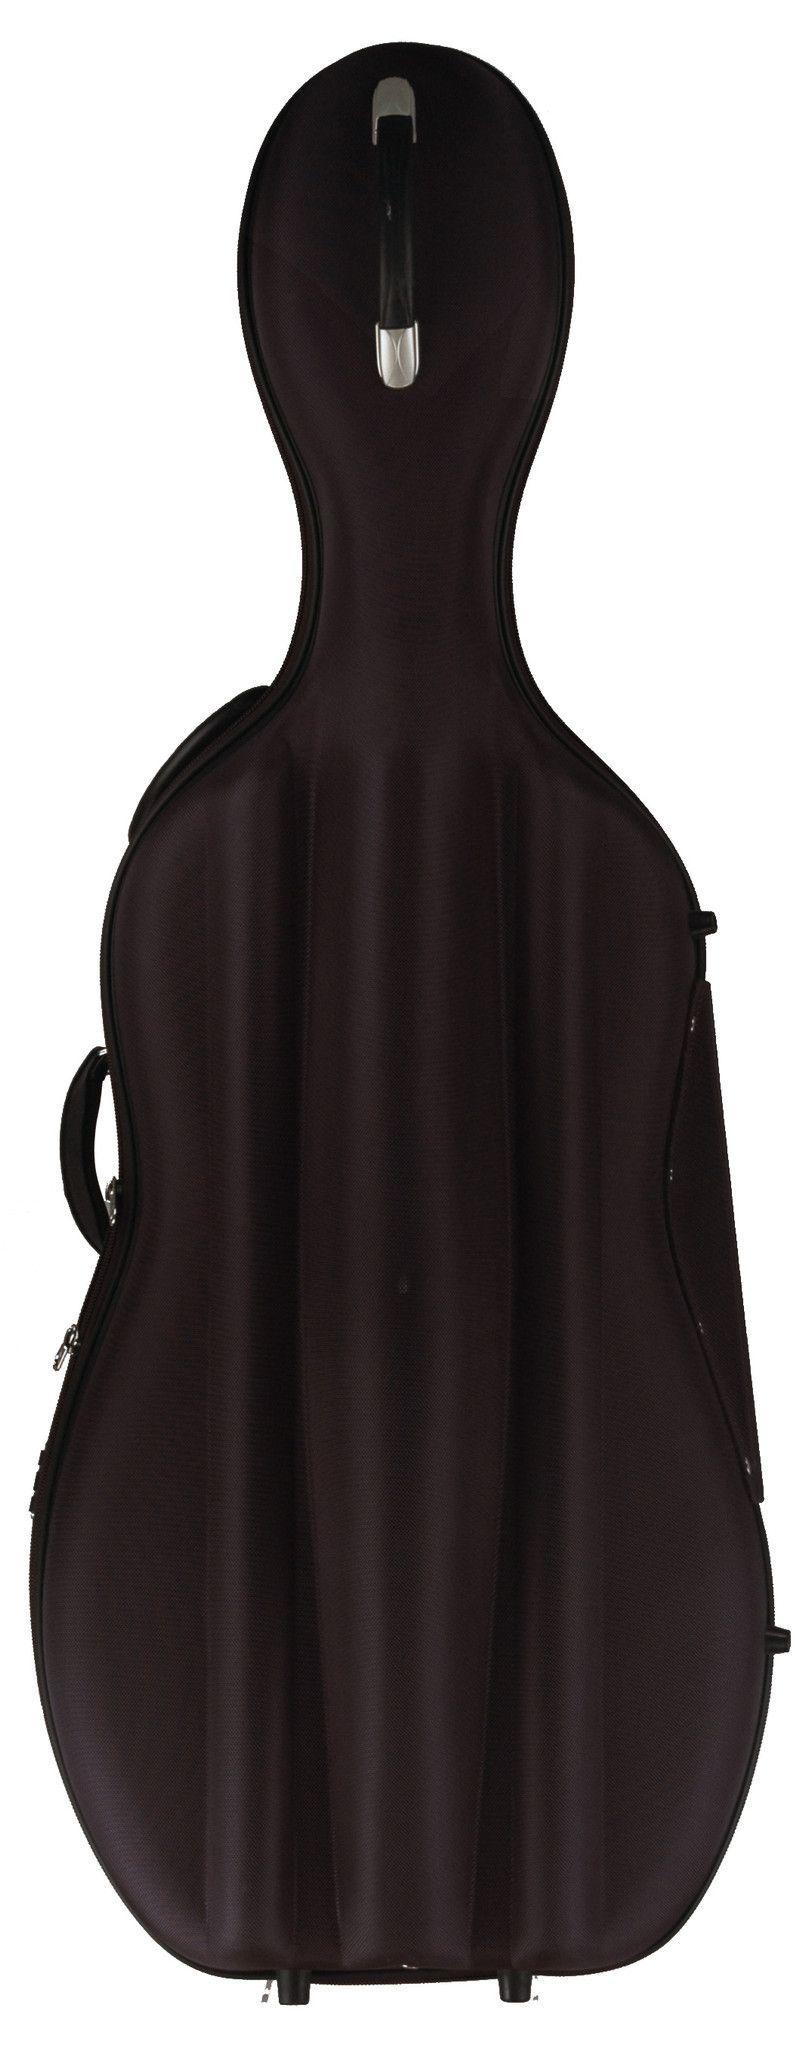 Cocoon cello case